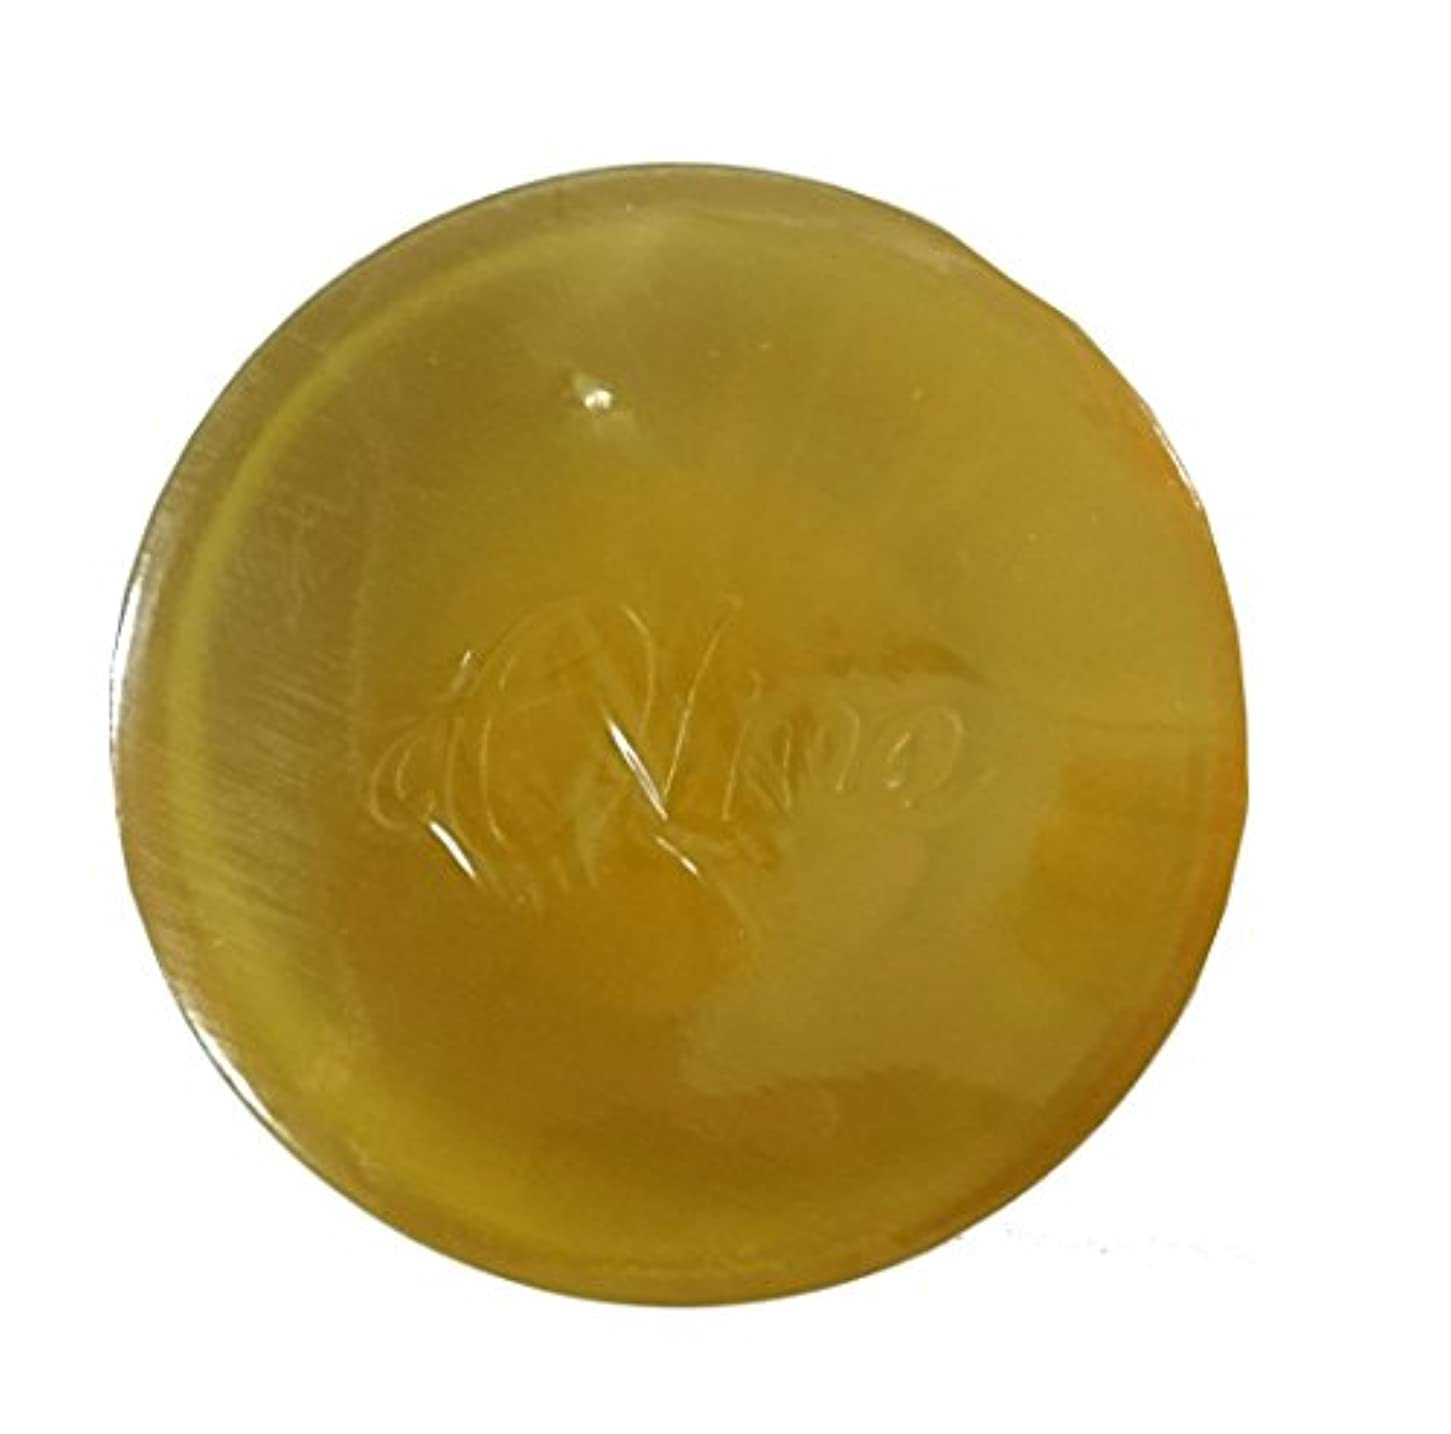 大きさ無駄な窓を洗うEX バージンオリーブソープ 透明石けん 90g